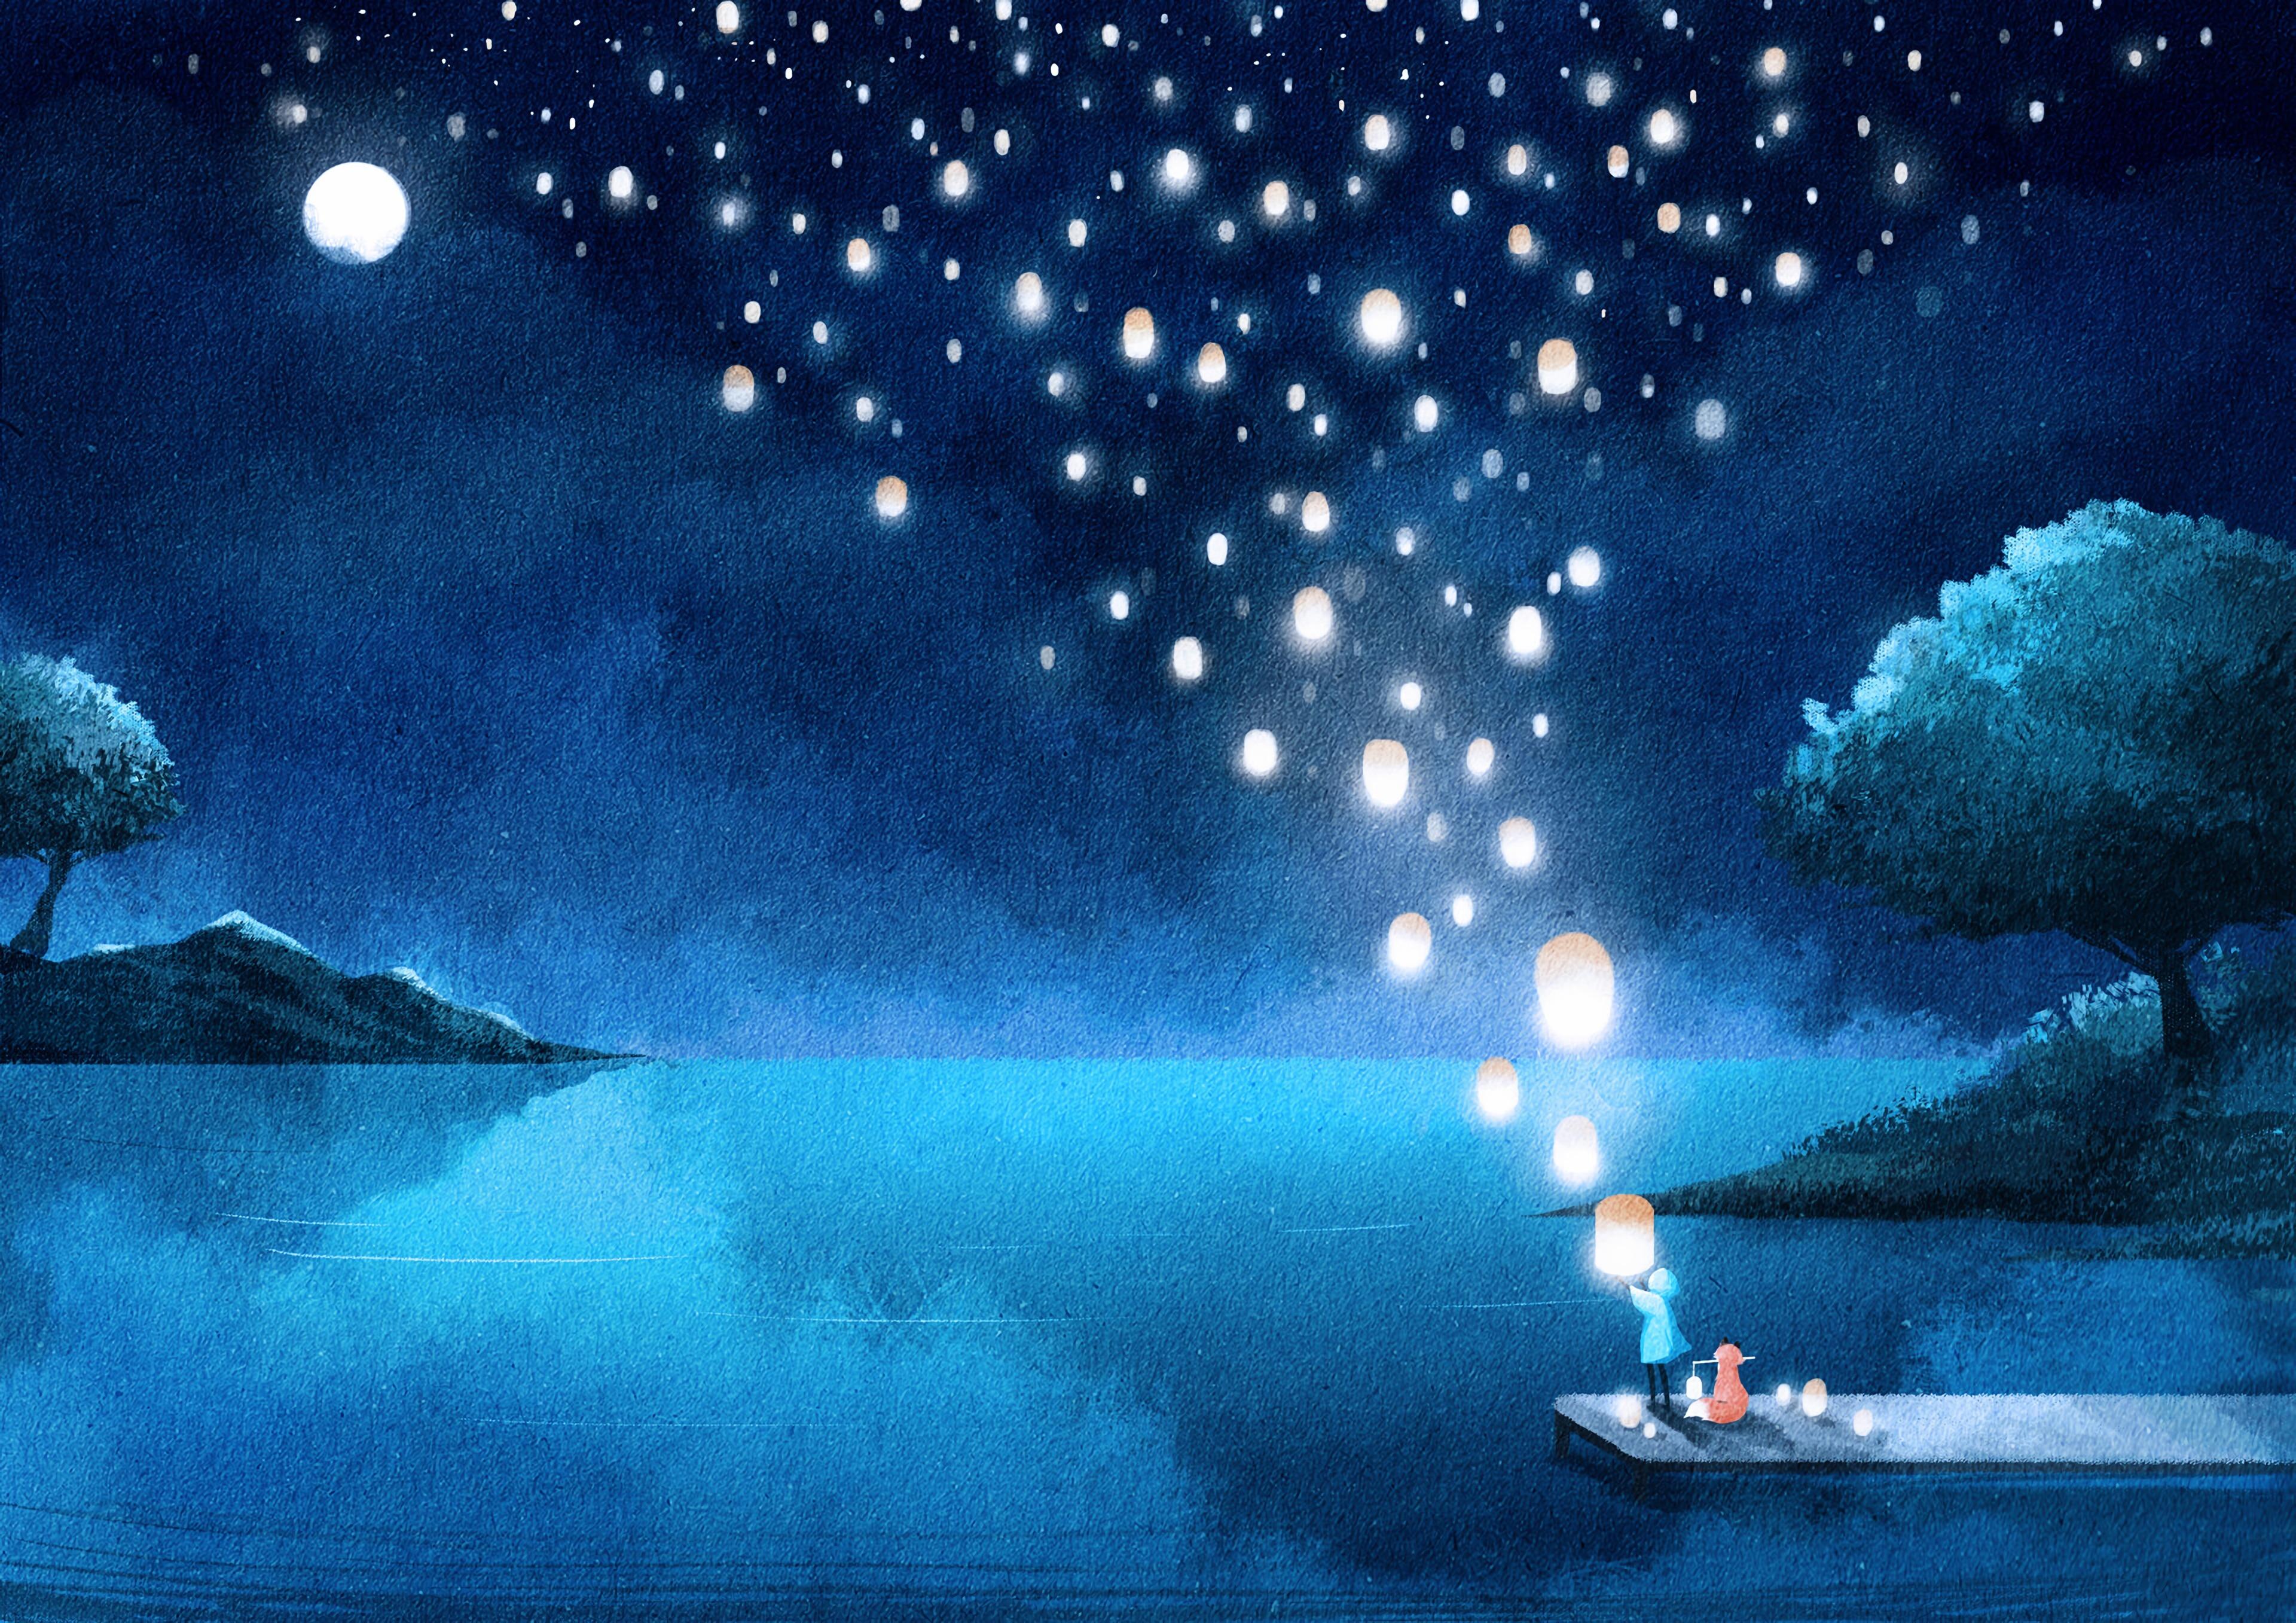 102727 Hintergrundbild 240x400 kostenlos auf deinem Handy, lade Bilder Kunst, Übernachtung, Lichter, See, Silhouette, Laternen 240x400 auf dein Handy herunter